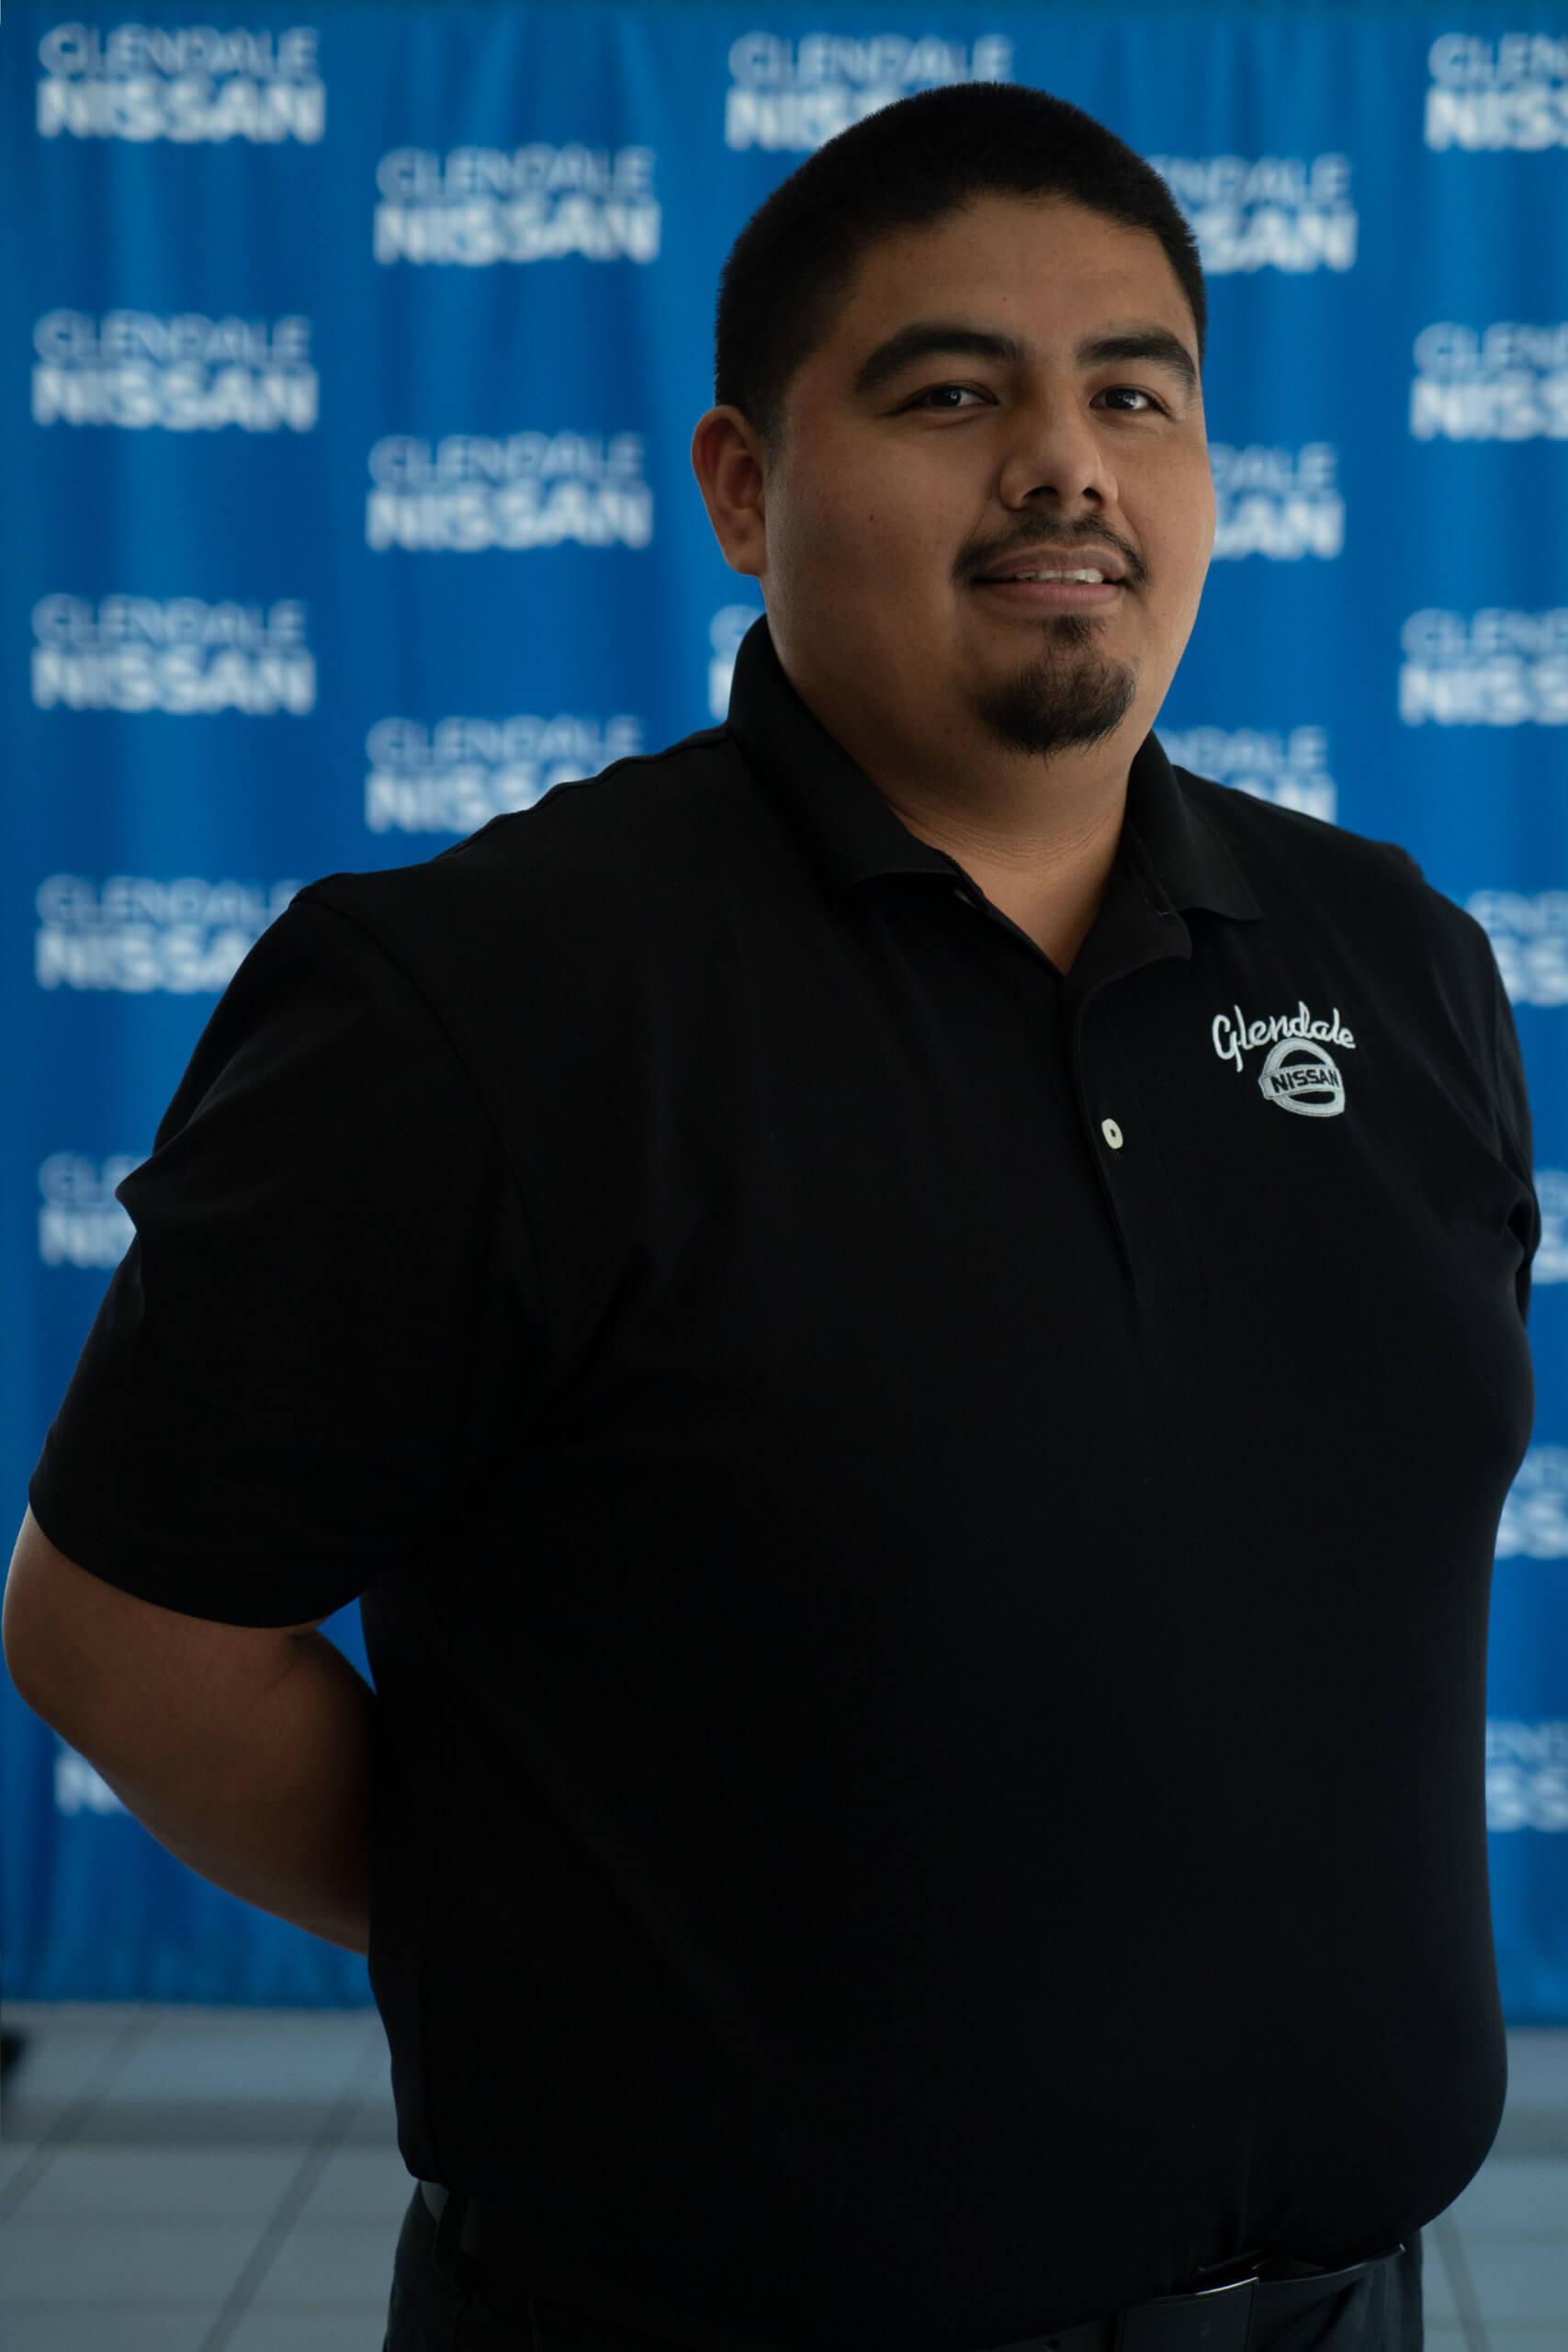 Victor Tecorral